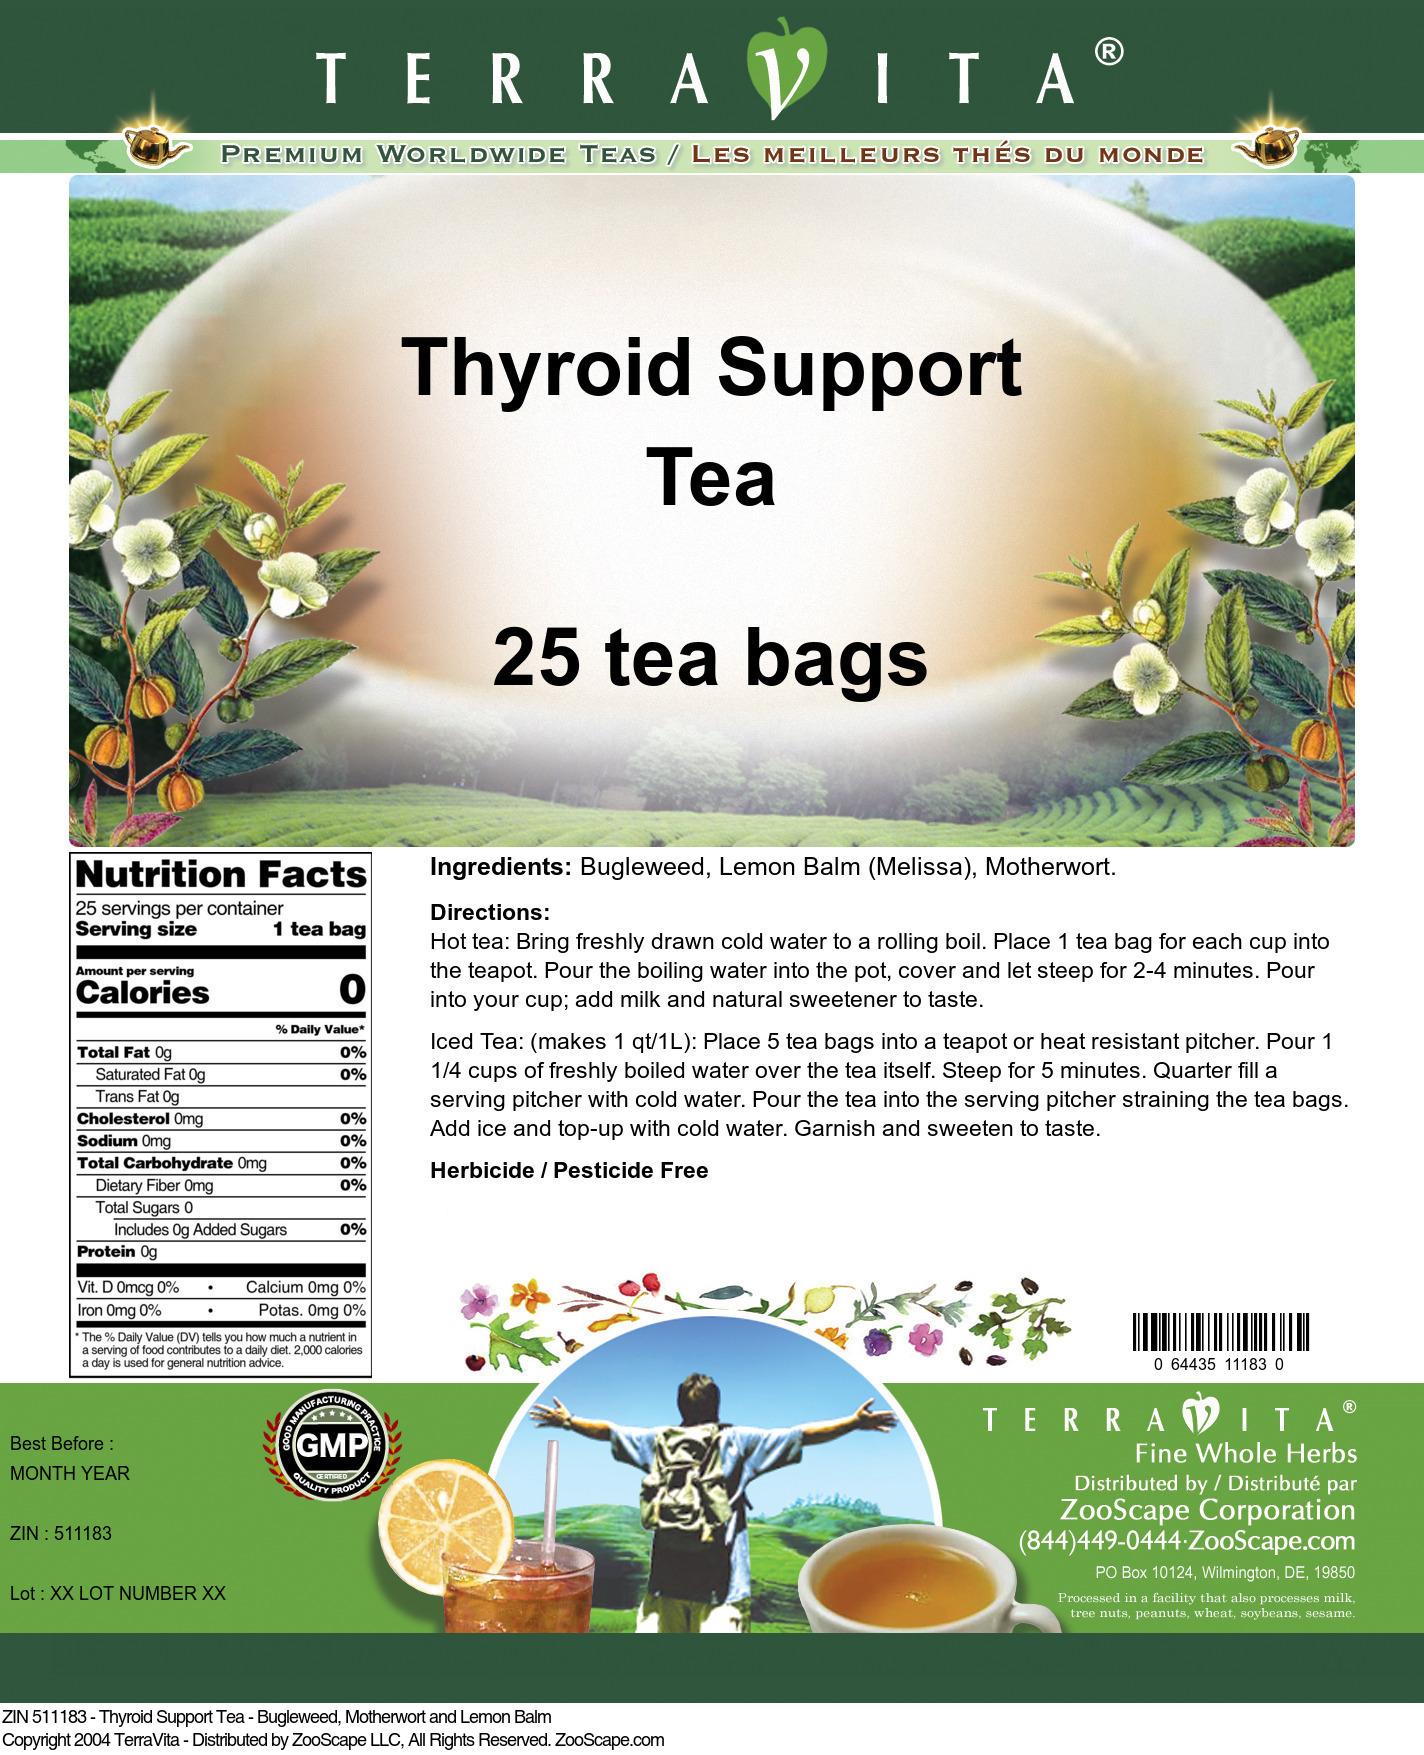 Thyroid Support Tea - Bugleweed, Motherwort and Lemon Balm